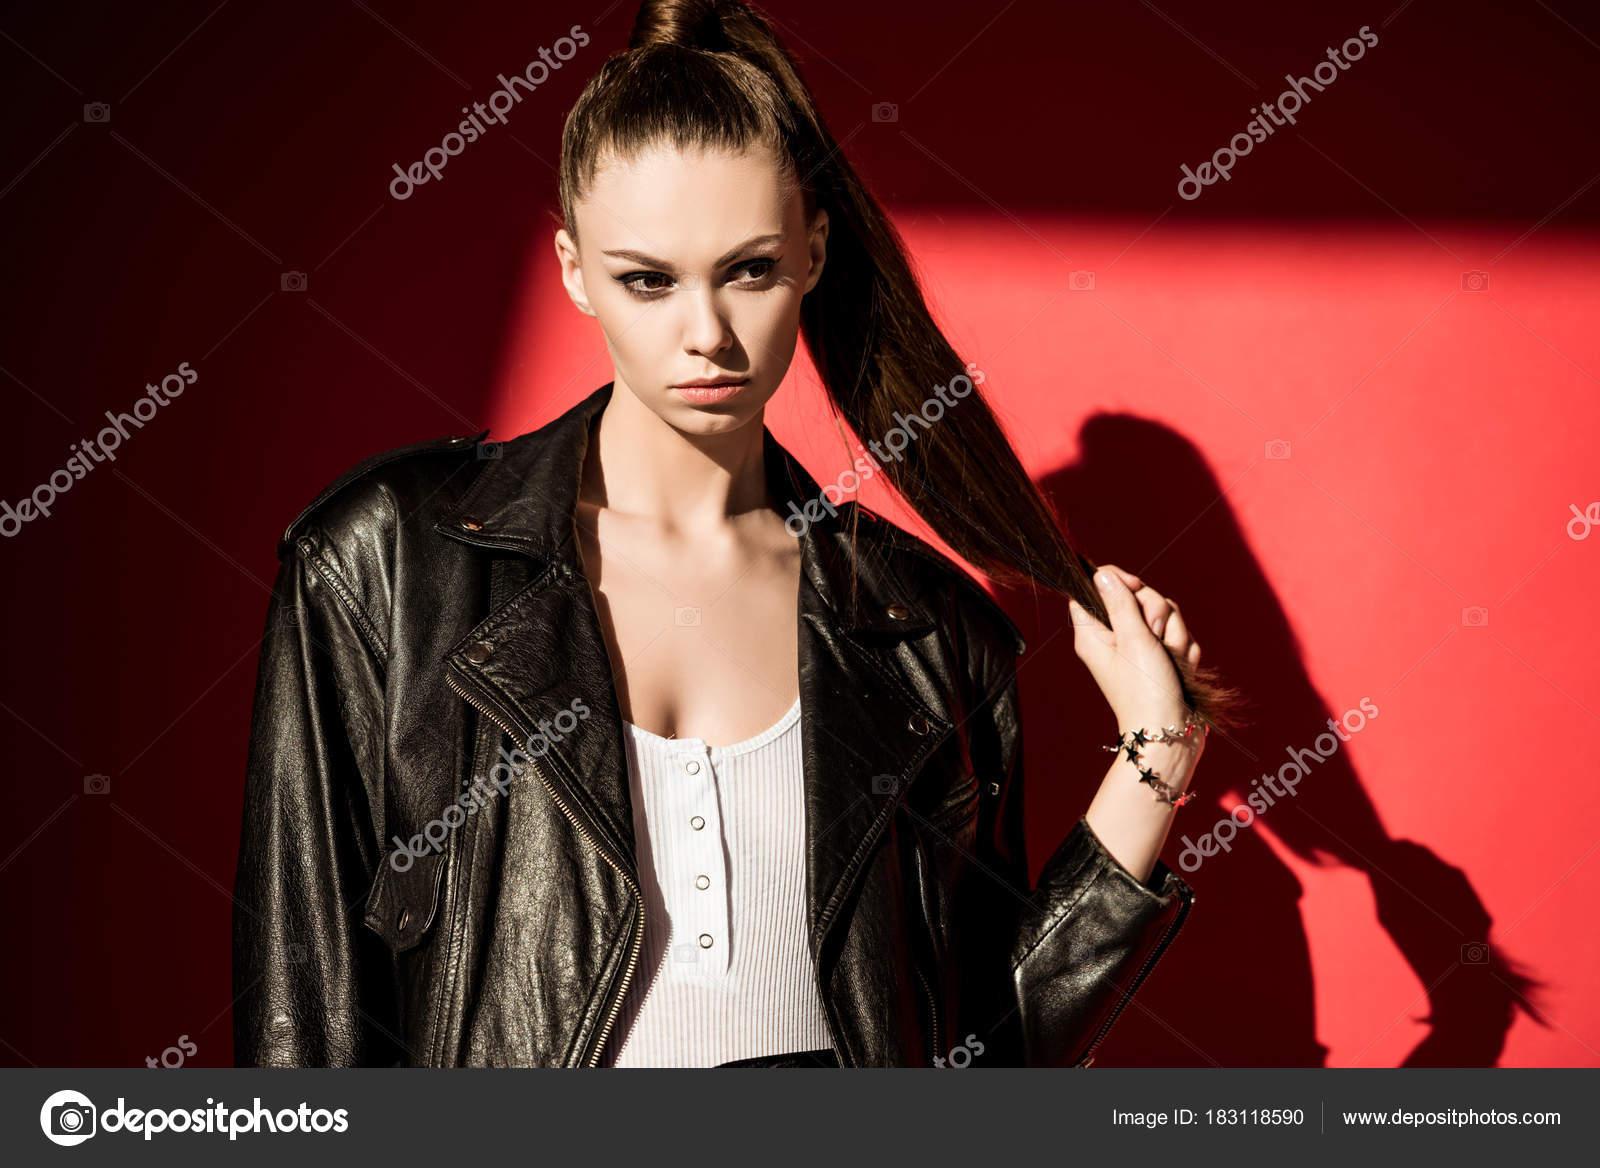 Stylish Girl Ponytail Hairstyle Posing Black Leather Jacket Fashion